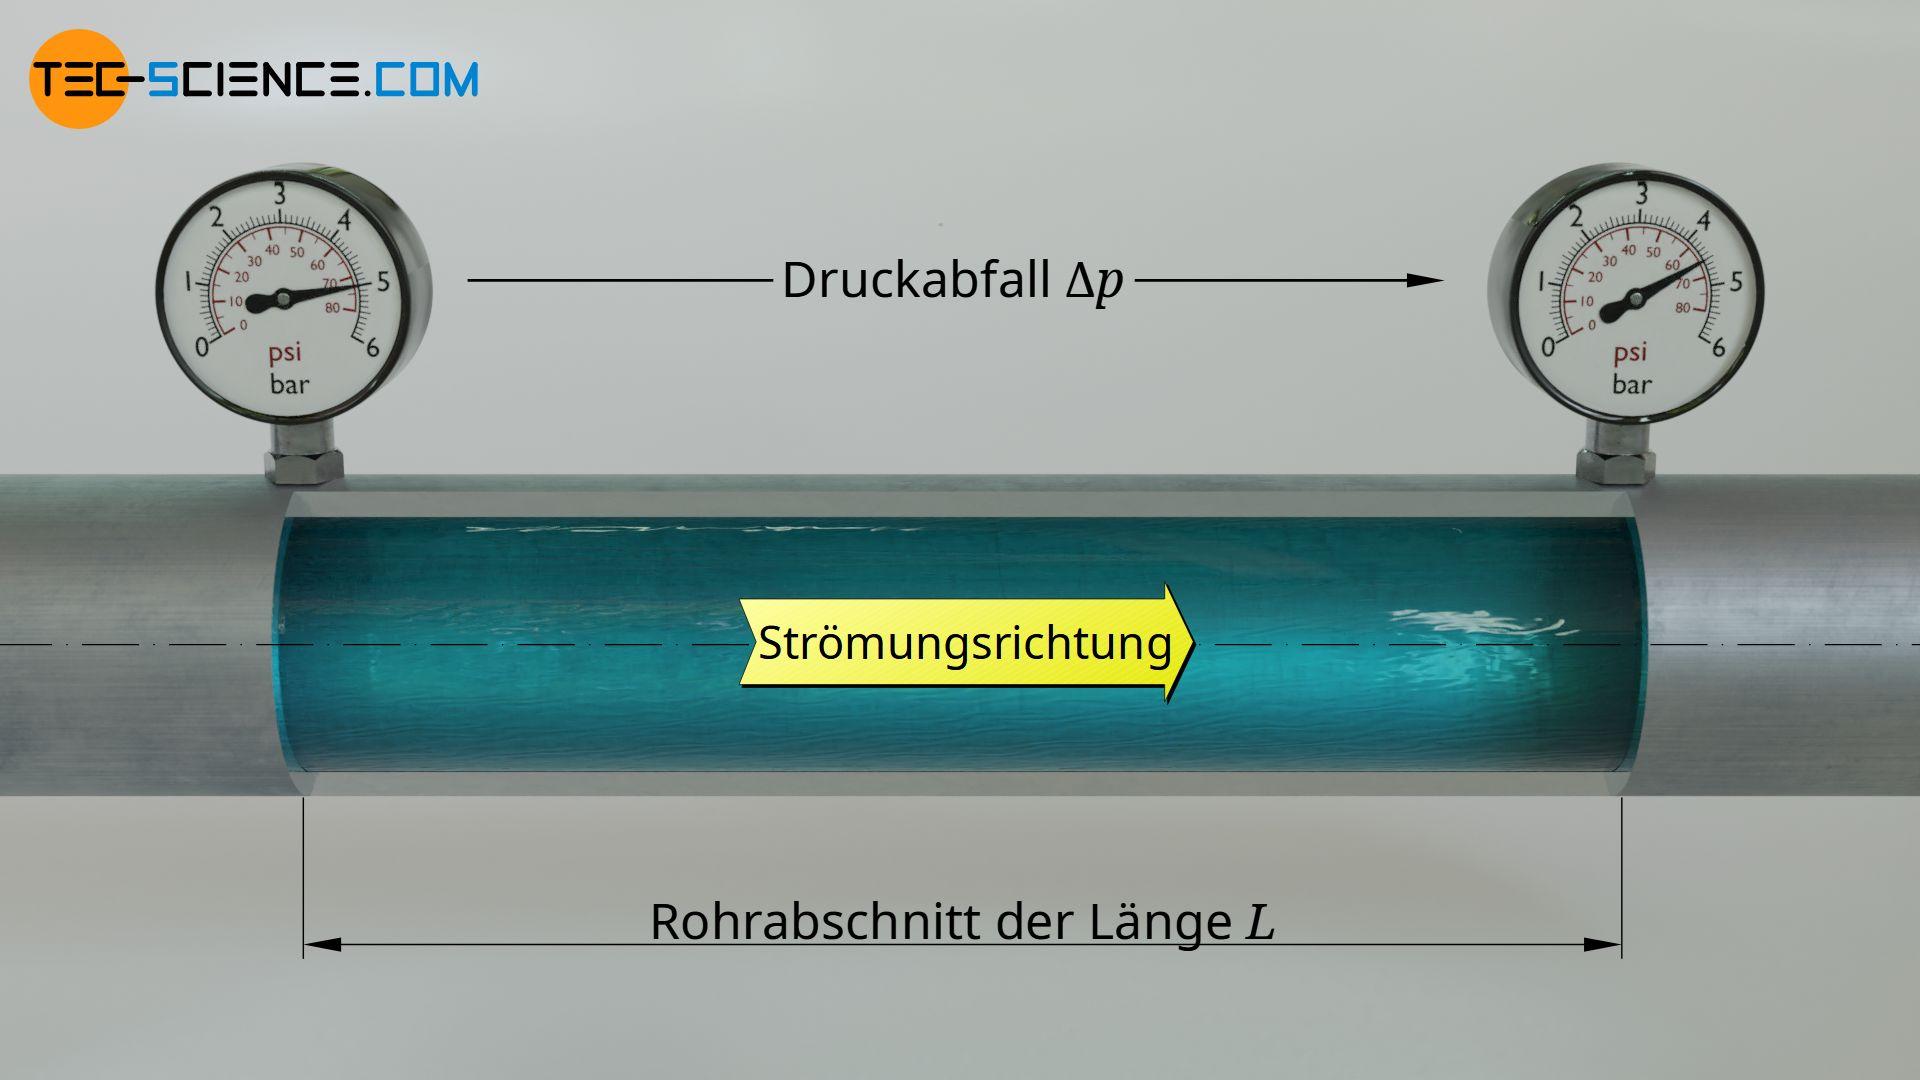 Druckverlust (Druckabfall) in einer Rohrleitung